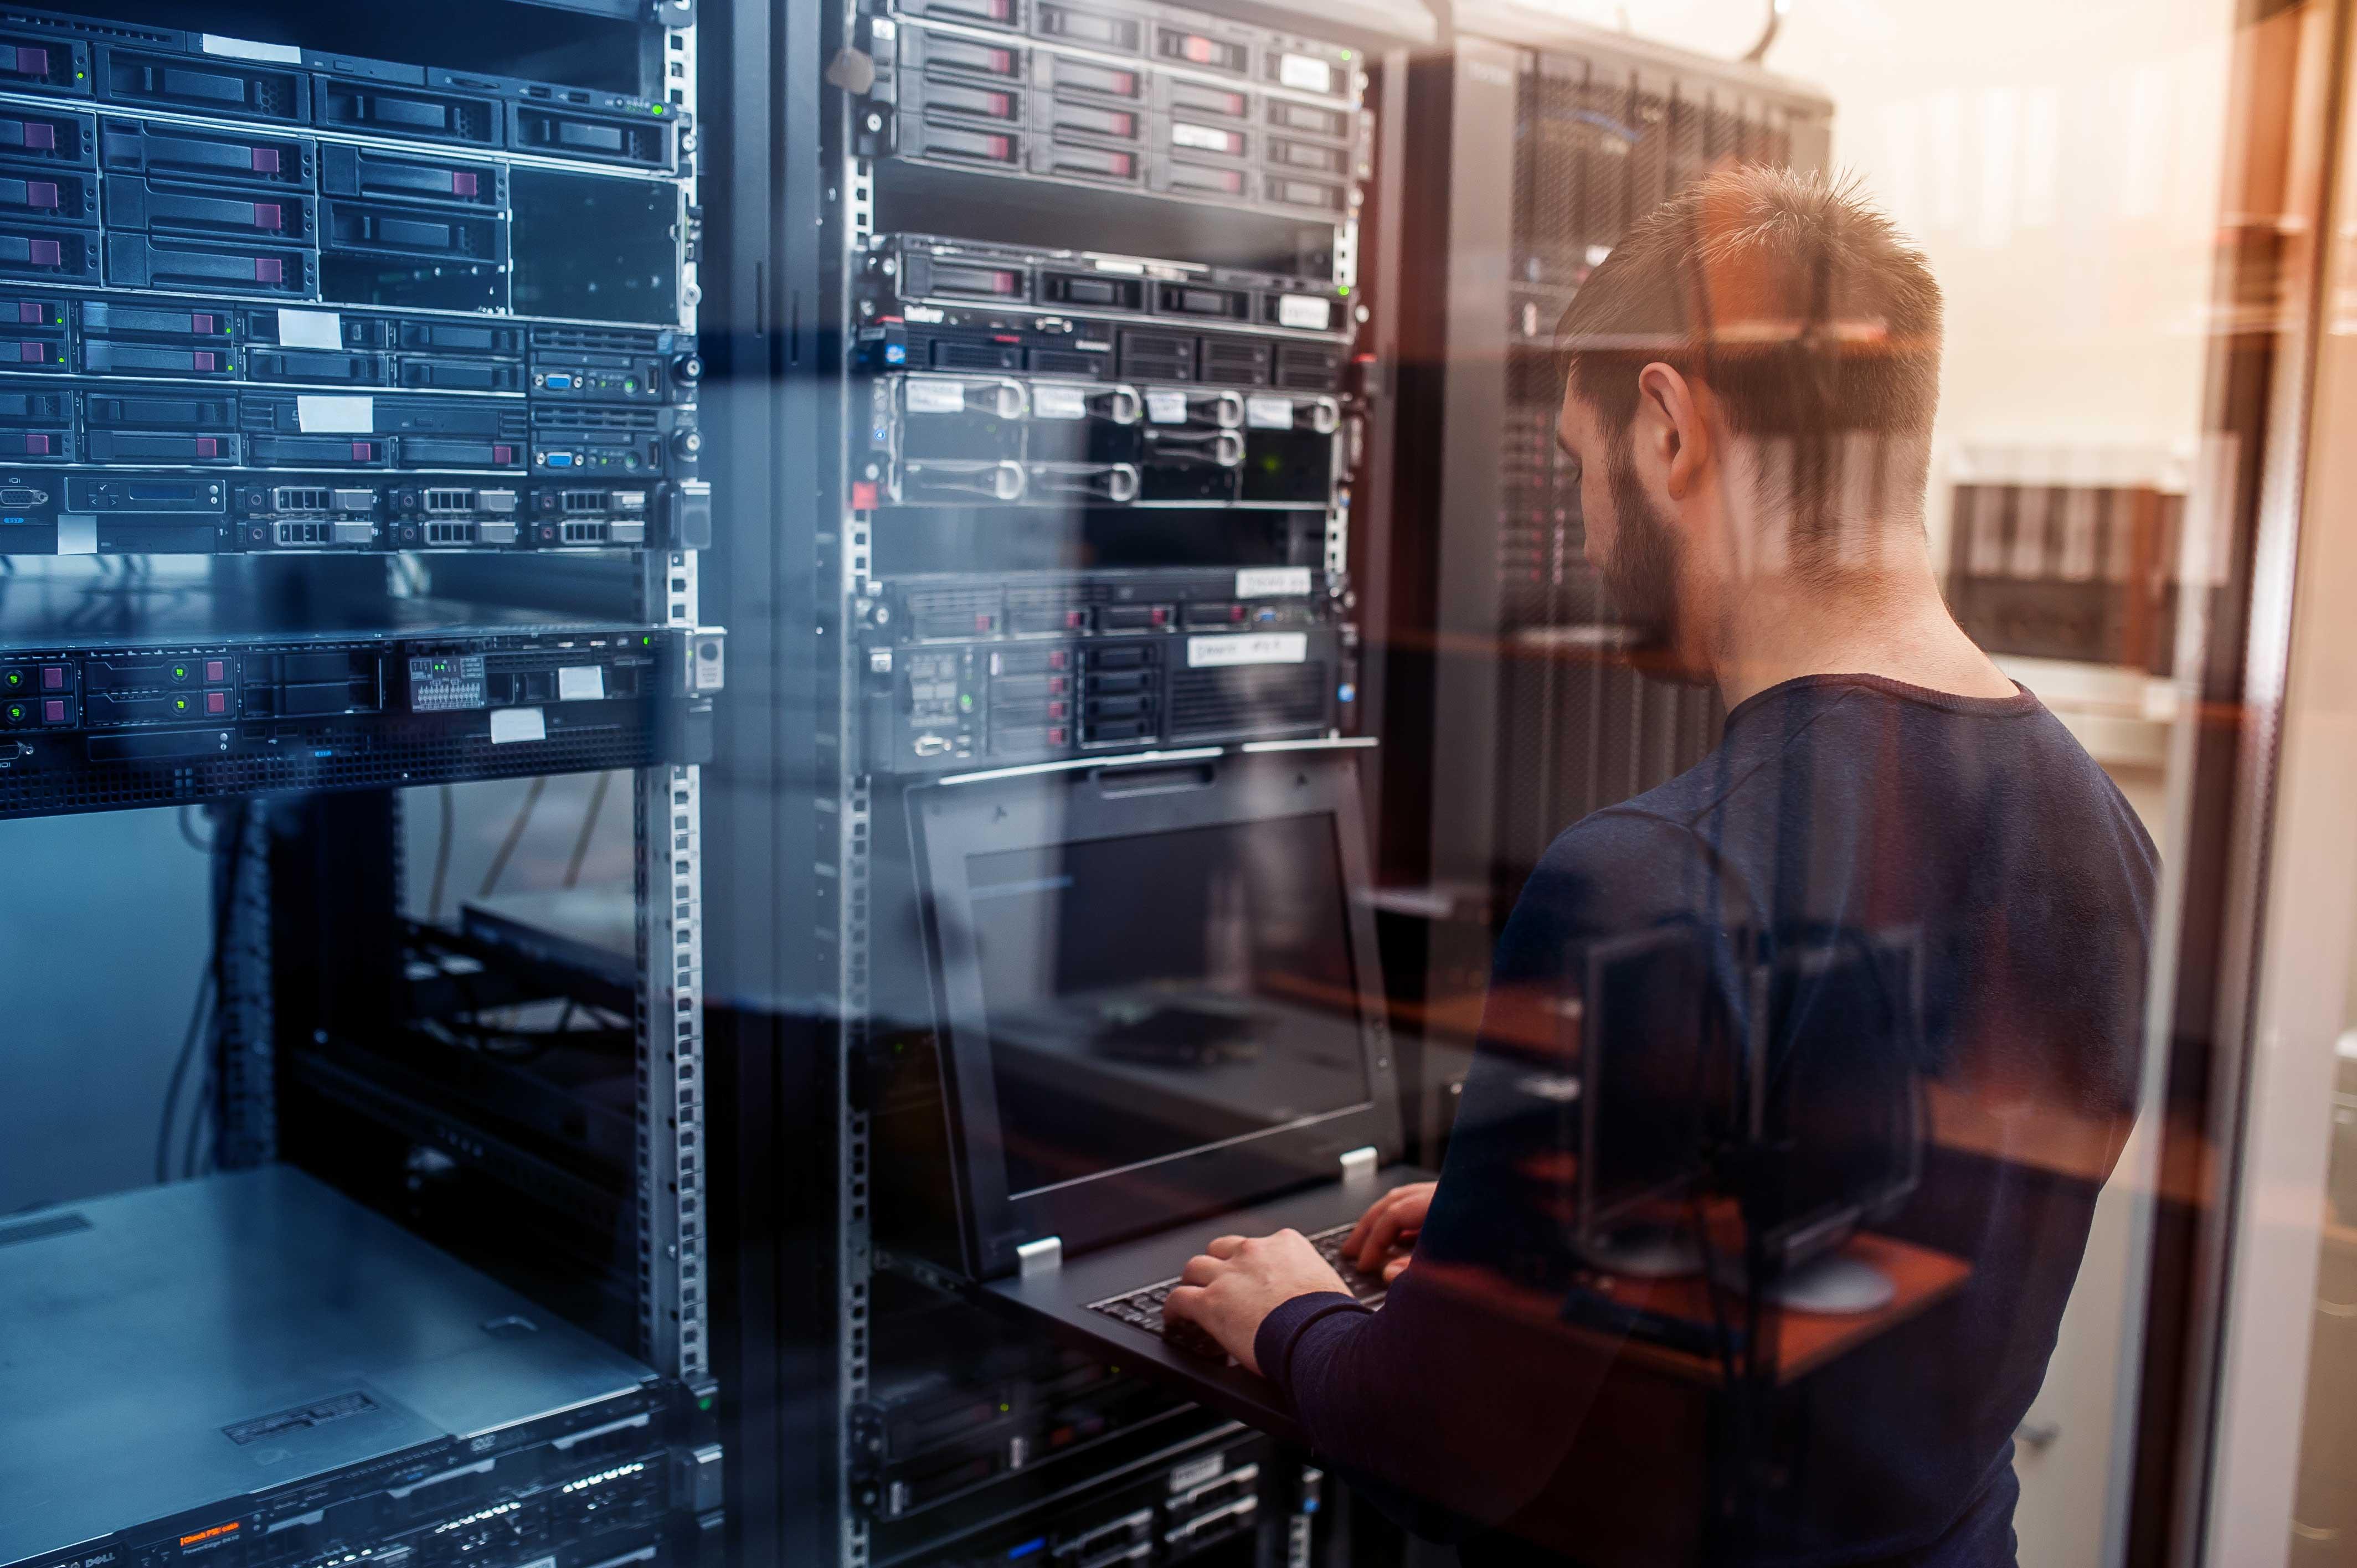 Managed Service Provider wie ACP sorgen für eine zuverlässige Netzwerkperformance und IT-Verfügbarkeit